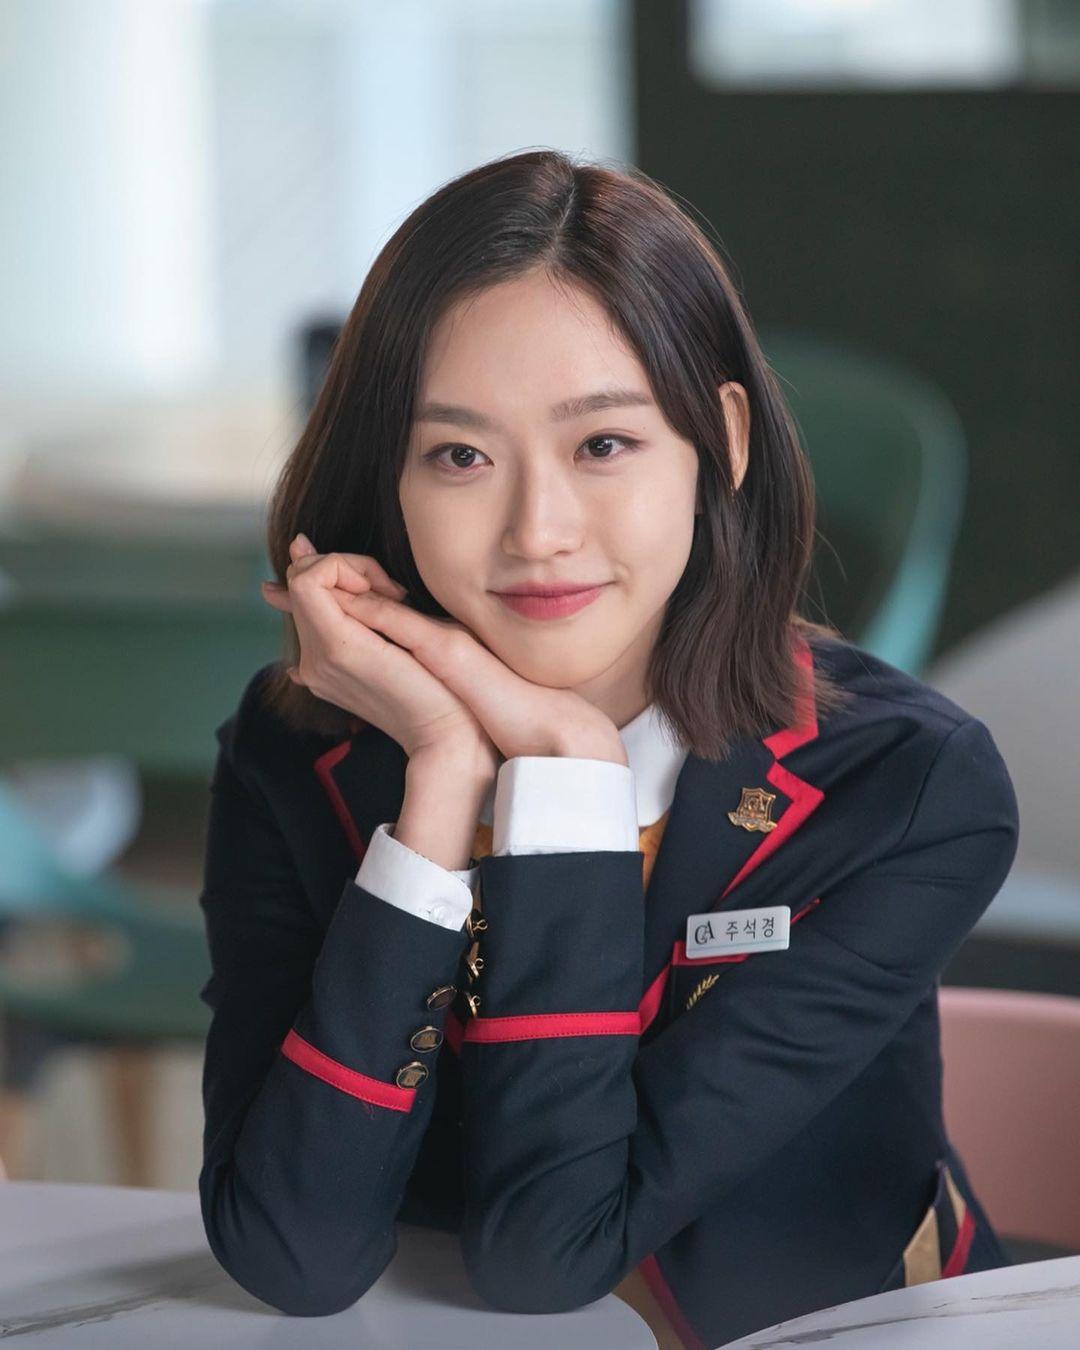 4 màu tóc nhuộm đang hot rần rần trong phim Hàn, chị em áp dụng thì độ sang chảnh lên một tầm cao mới - Ảnh 12